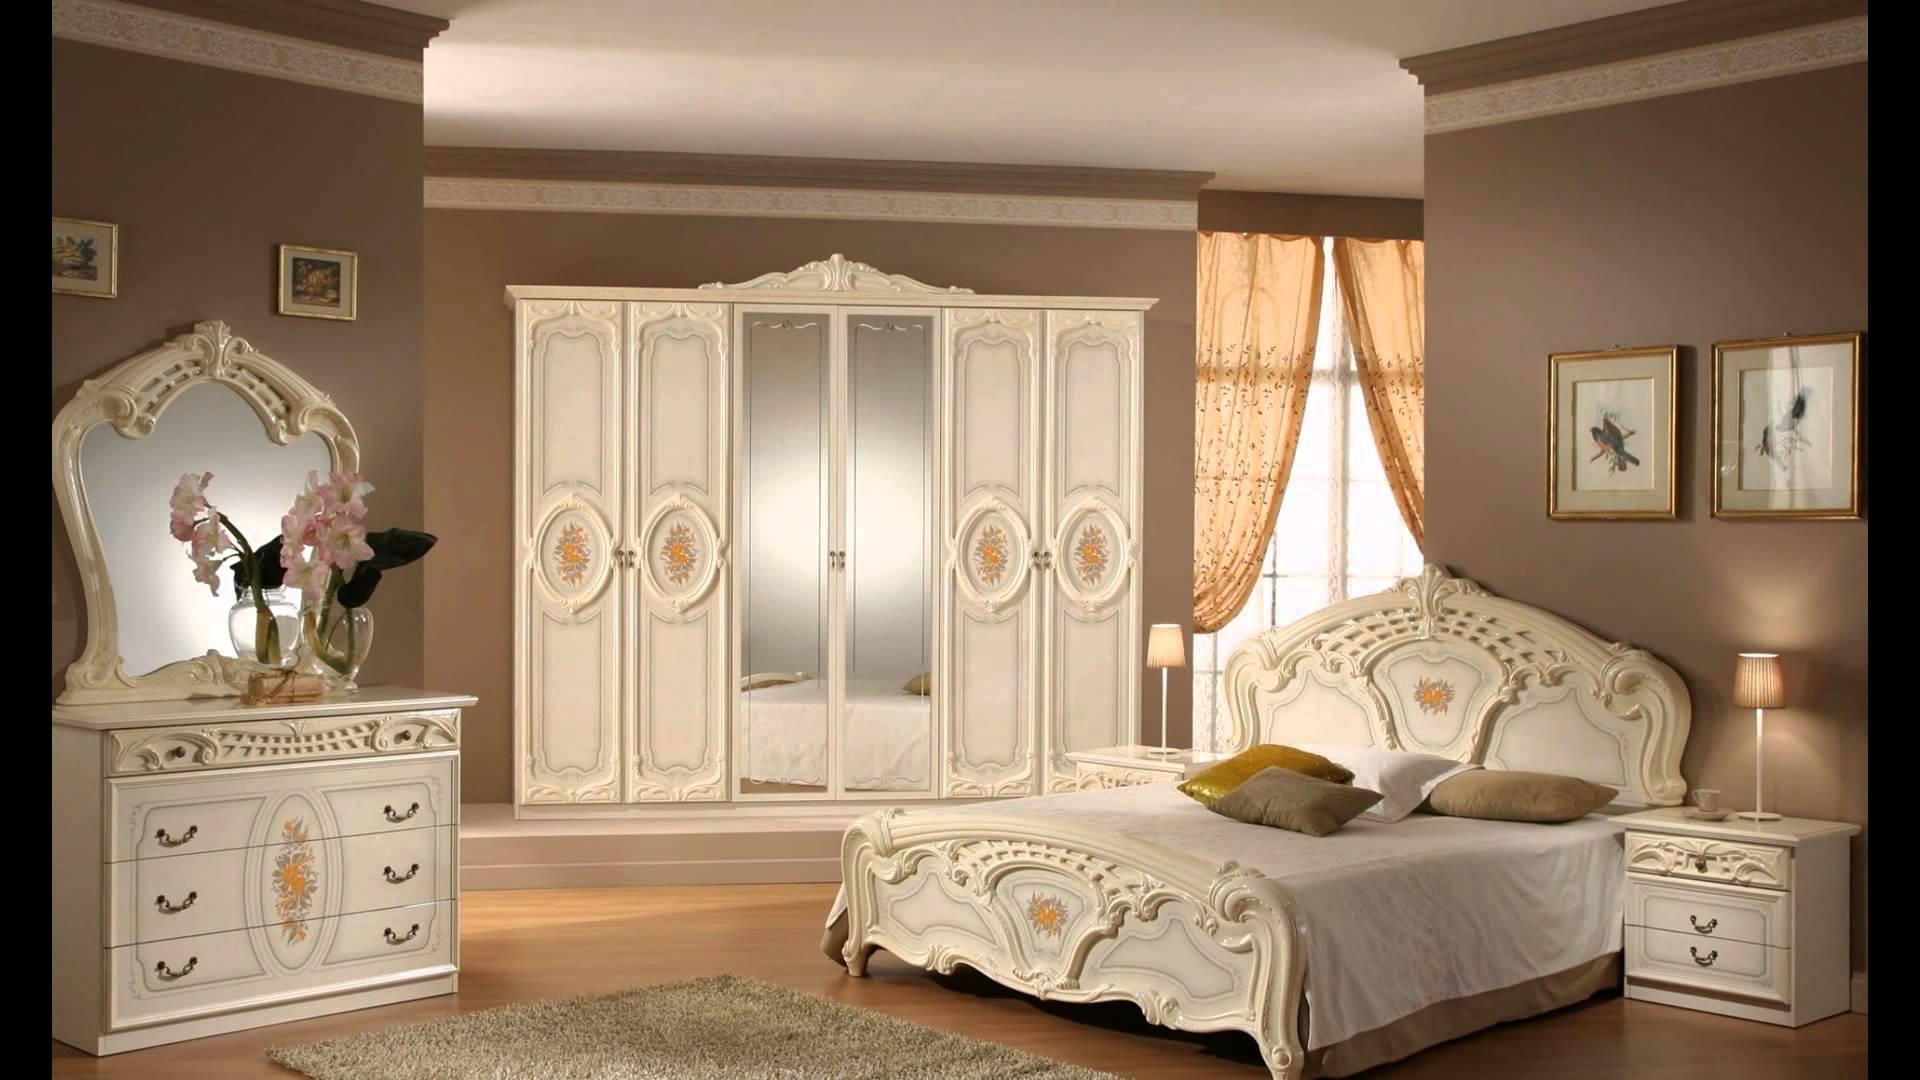 صور احدث موديلات غرف النوم , غرفة النوم مكان للراحه و الهدوء